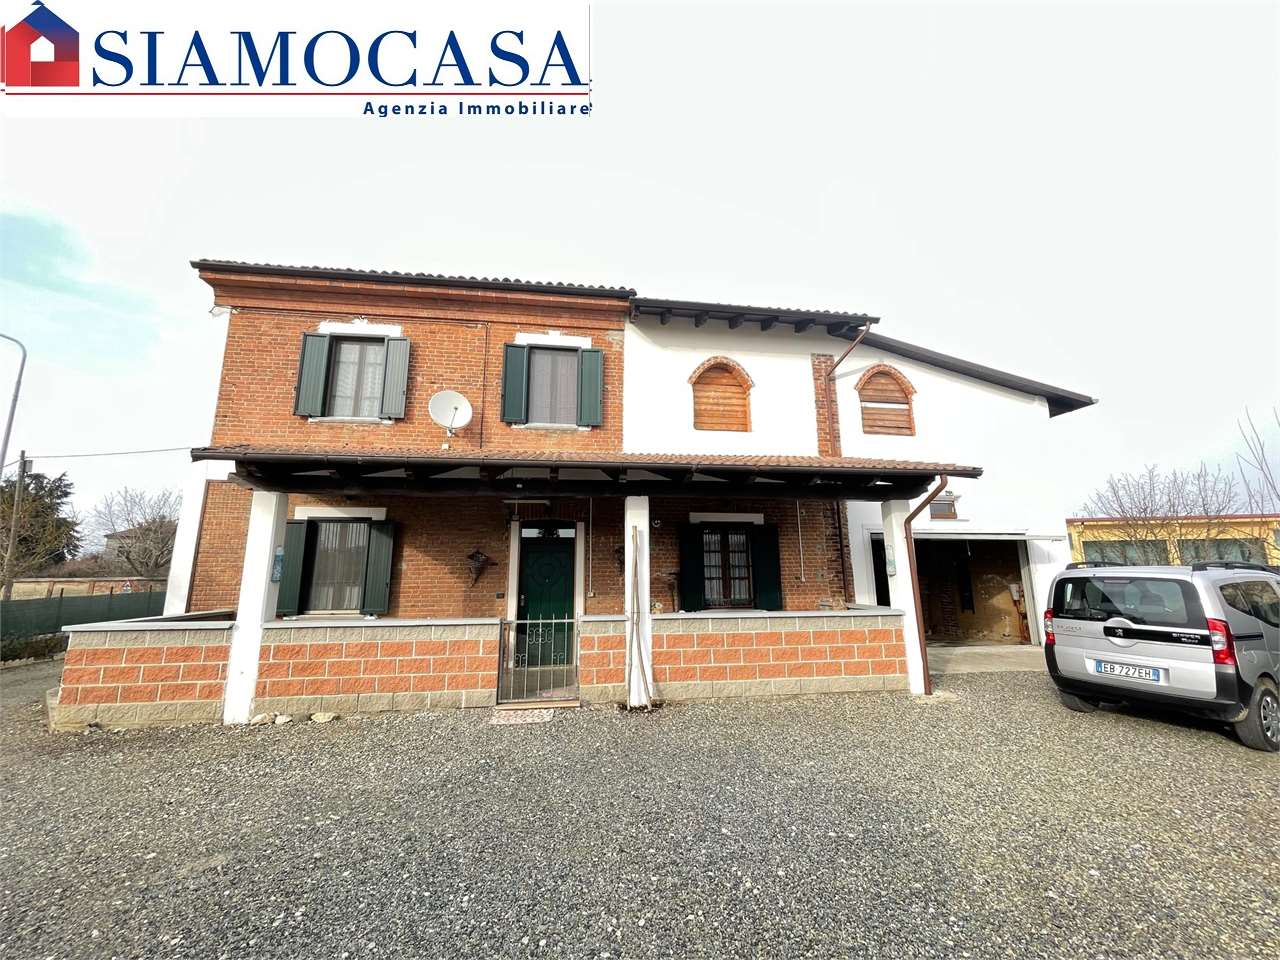 Soluzione Indipendente in vendita a Frugarolo, 5 locali, prezzo € 165.000 | CambioCasa.it